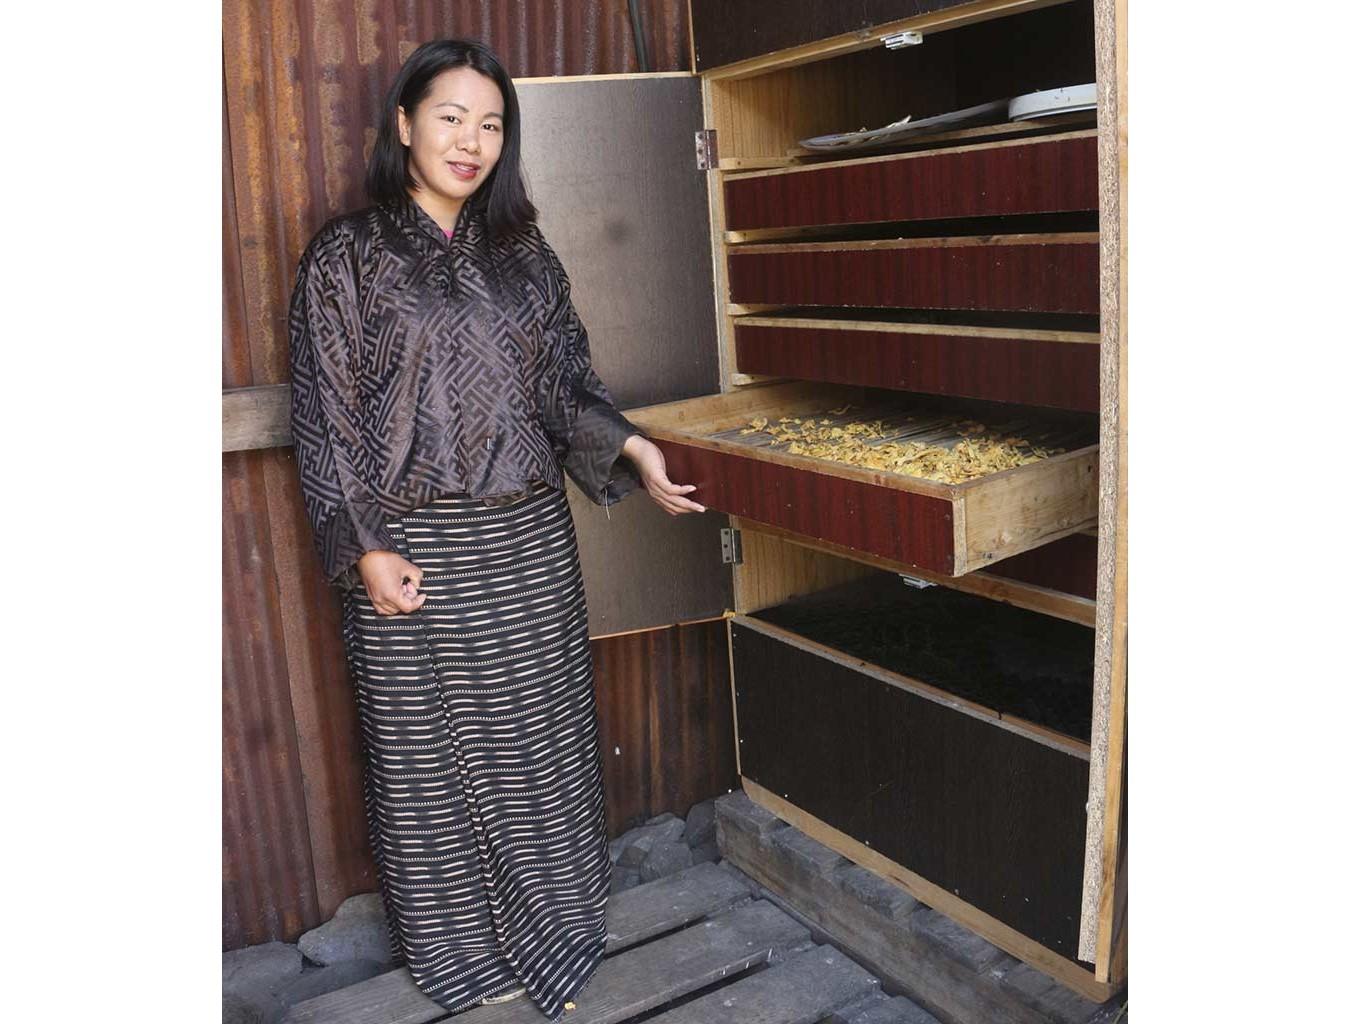 ...und im Elektrotrockner schonend getrocknet (Fotos: Cheku Rangdrel)